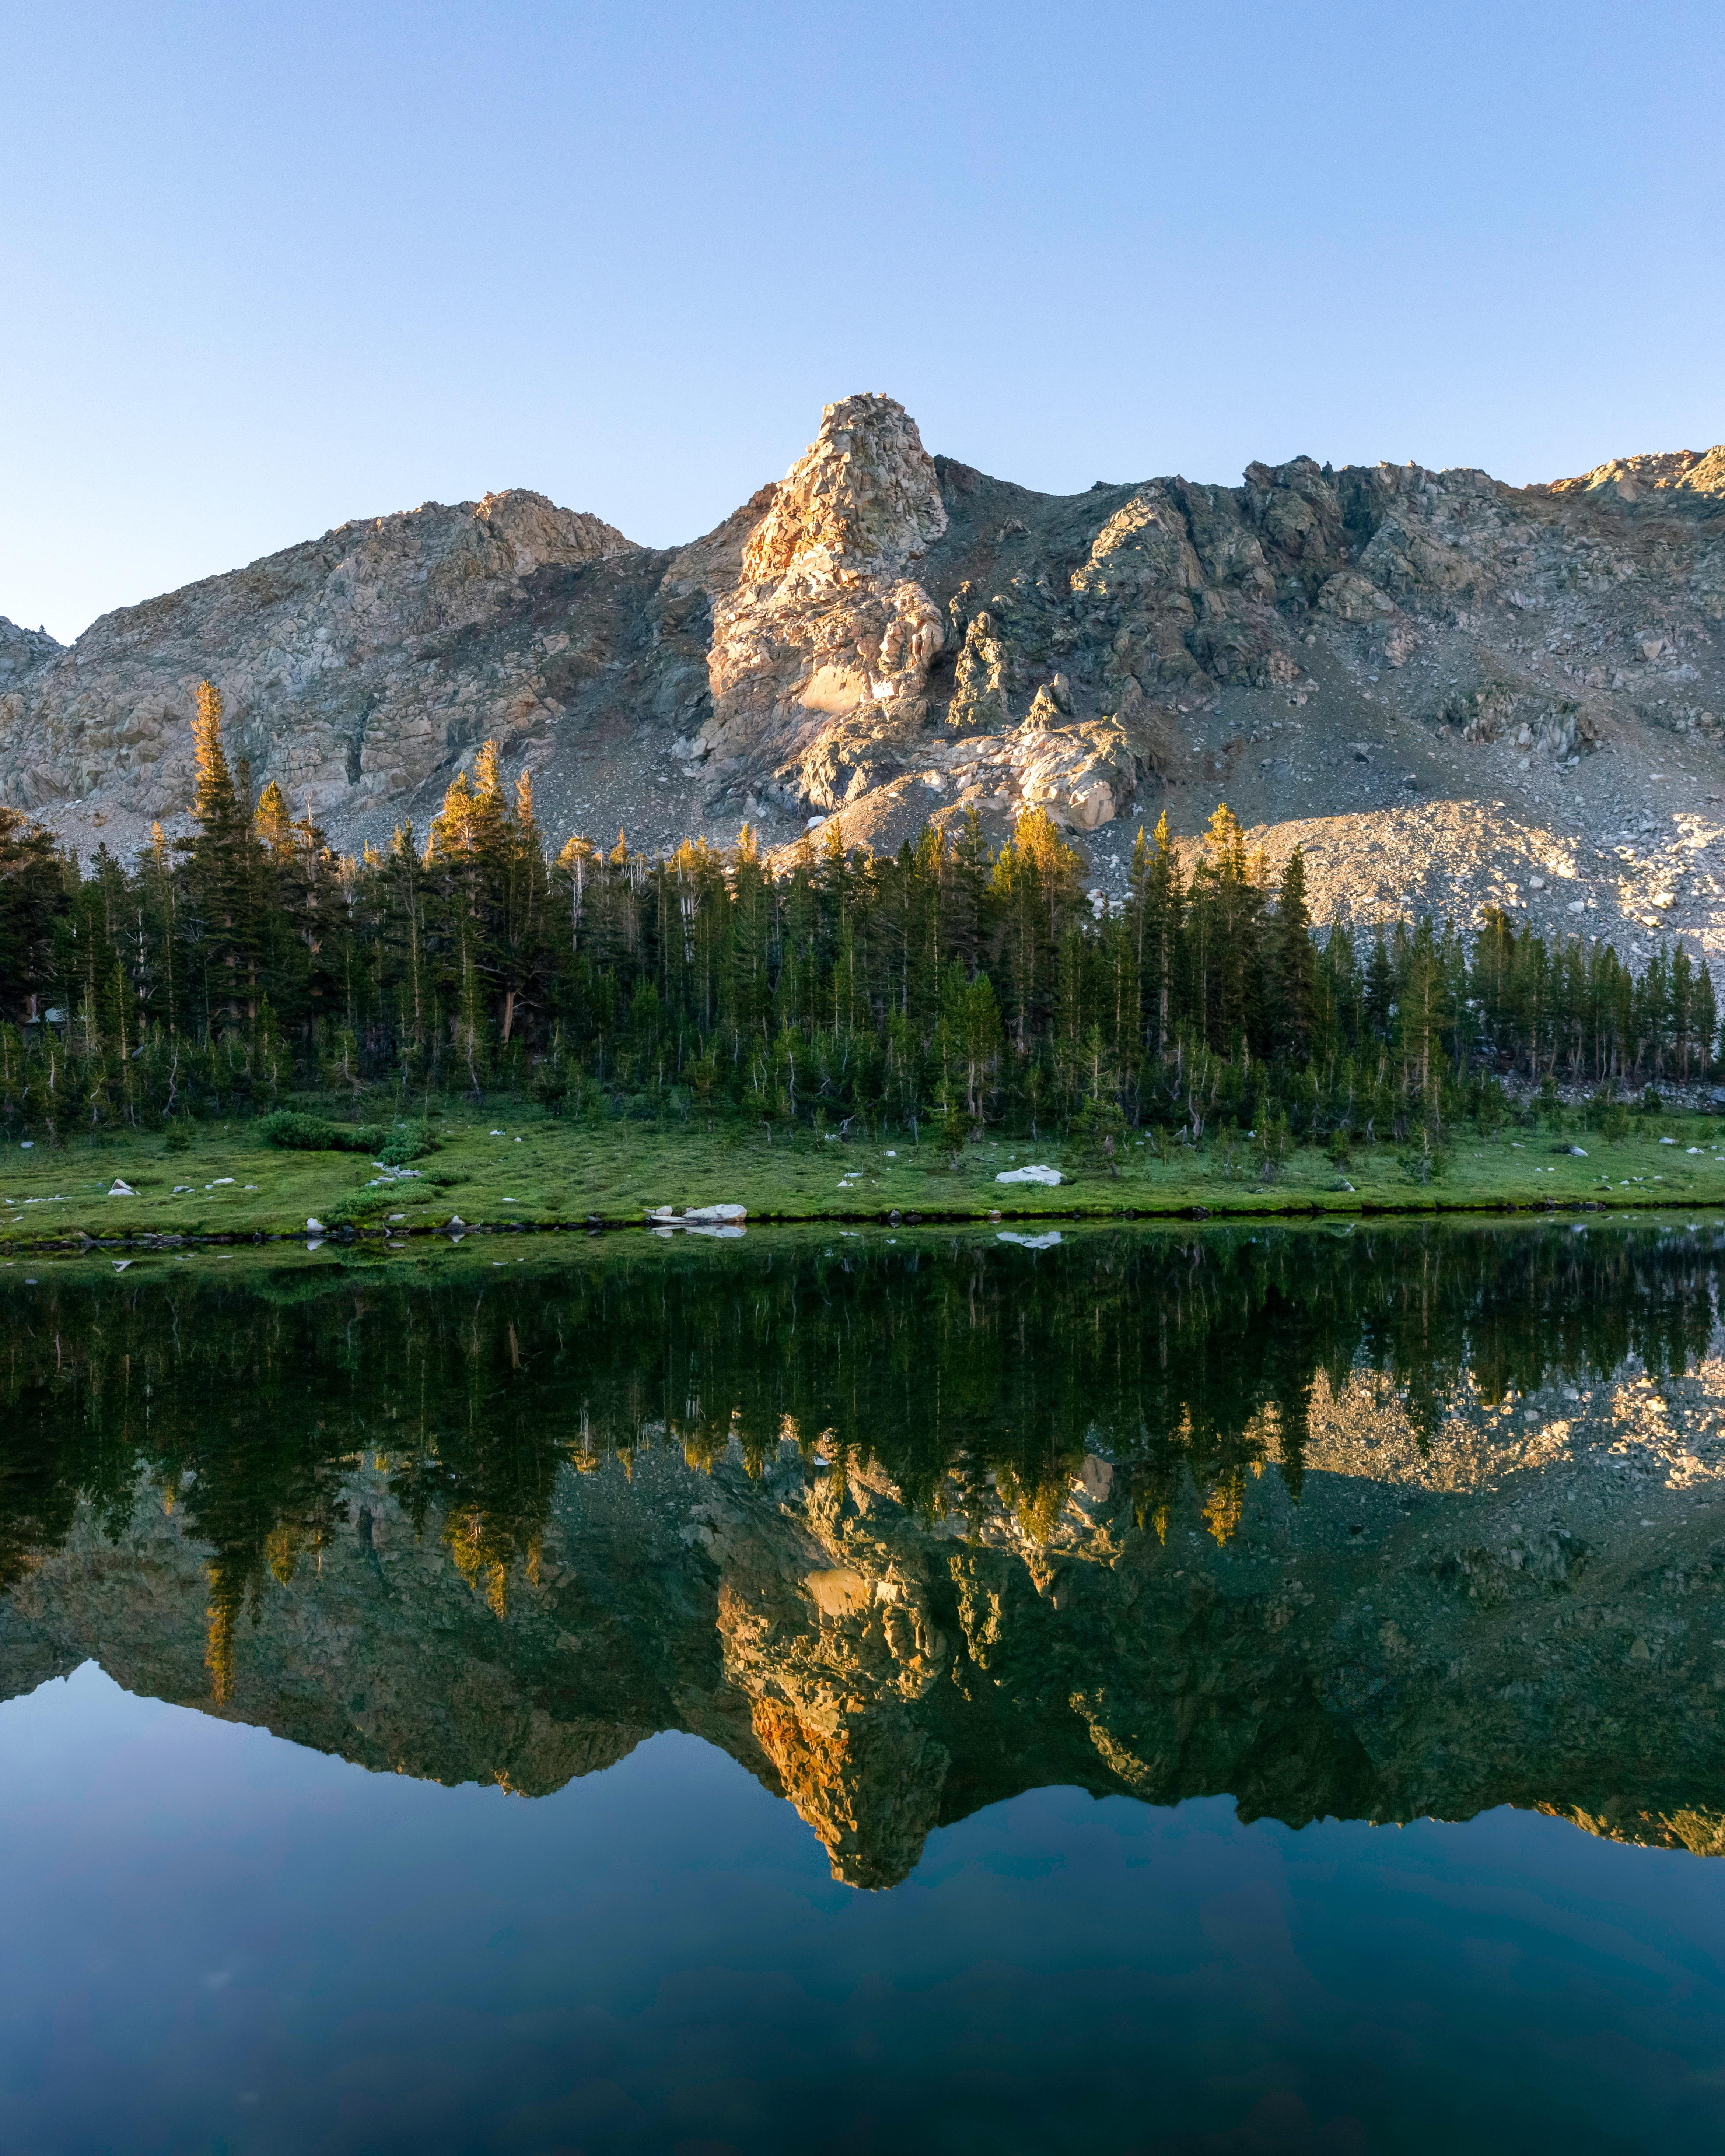 155097 скачать обои Природа, Озеро, Скалы, Деревья, Ель, Горы - заставки и картинки бесплатно